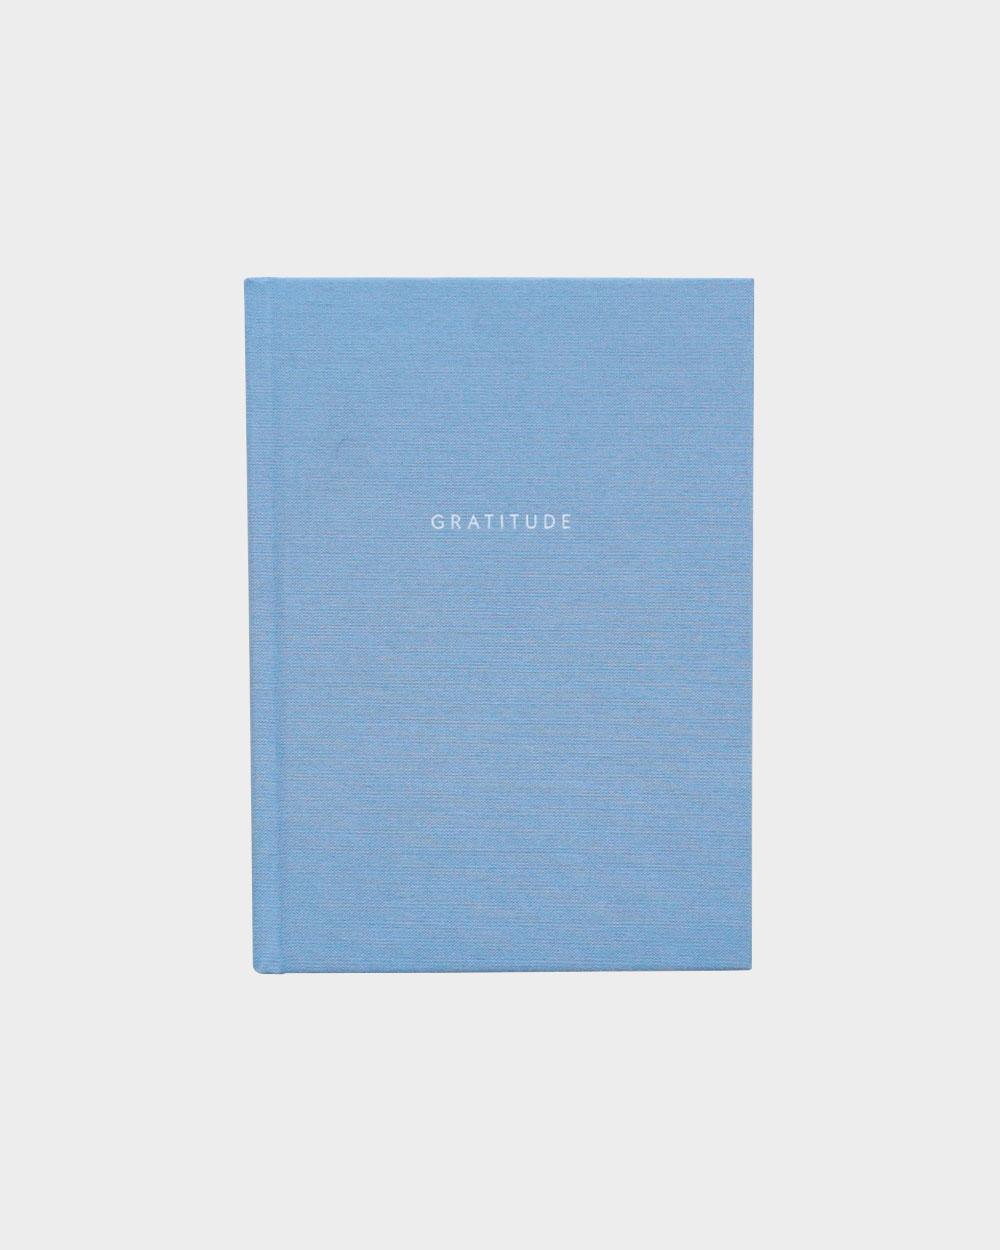 Gratitude kiitosllisuuspäiväkirja